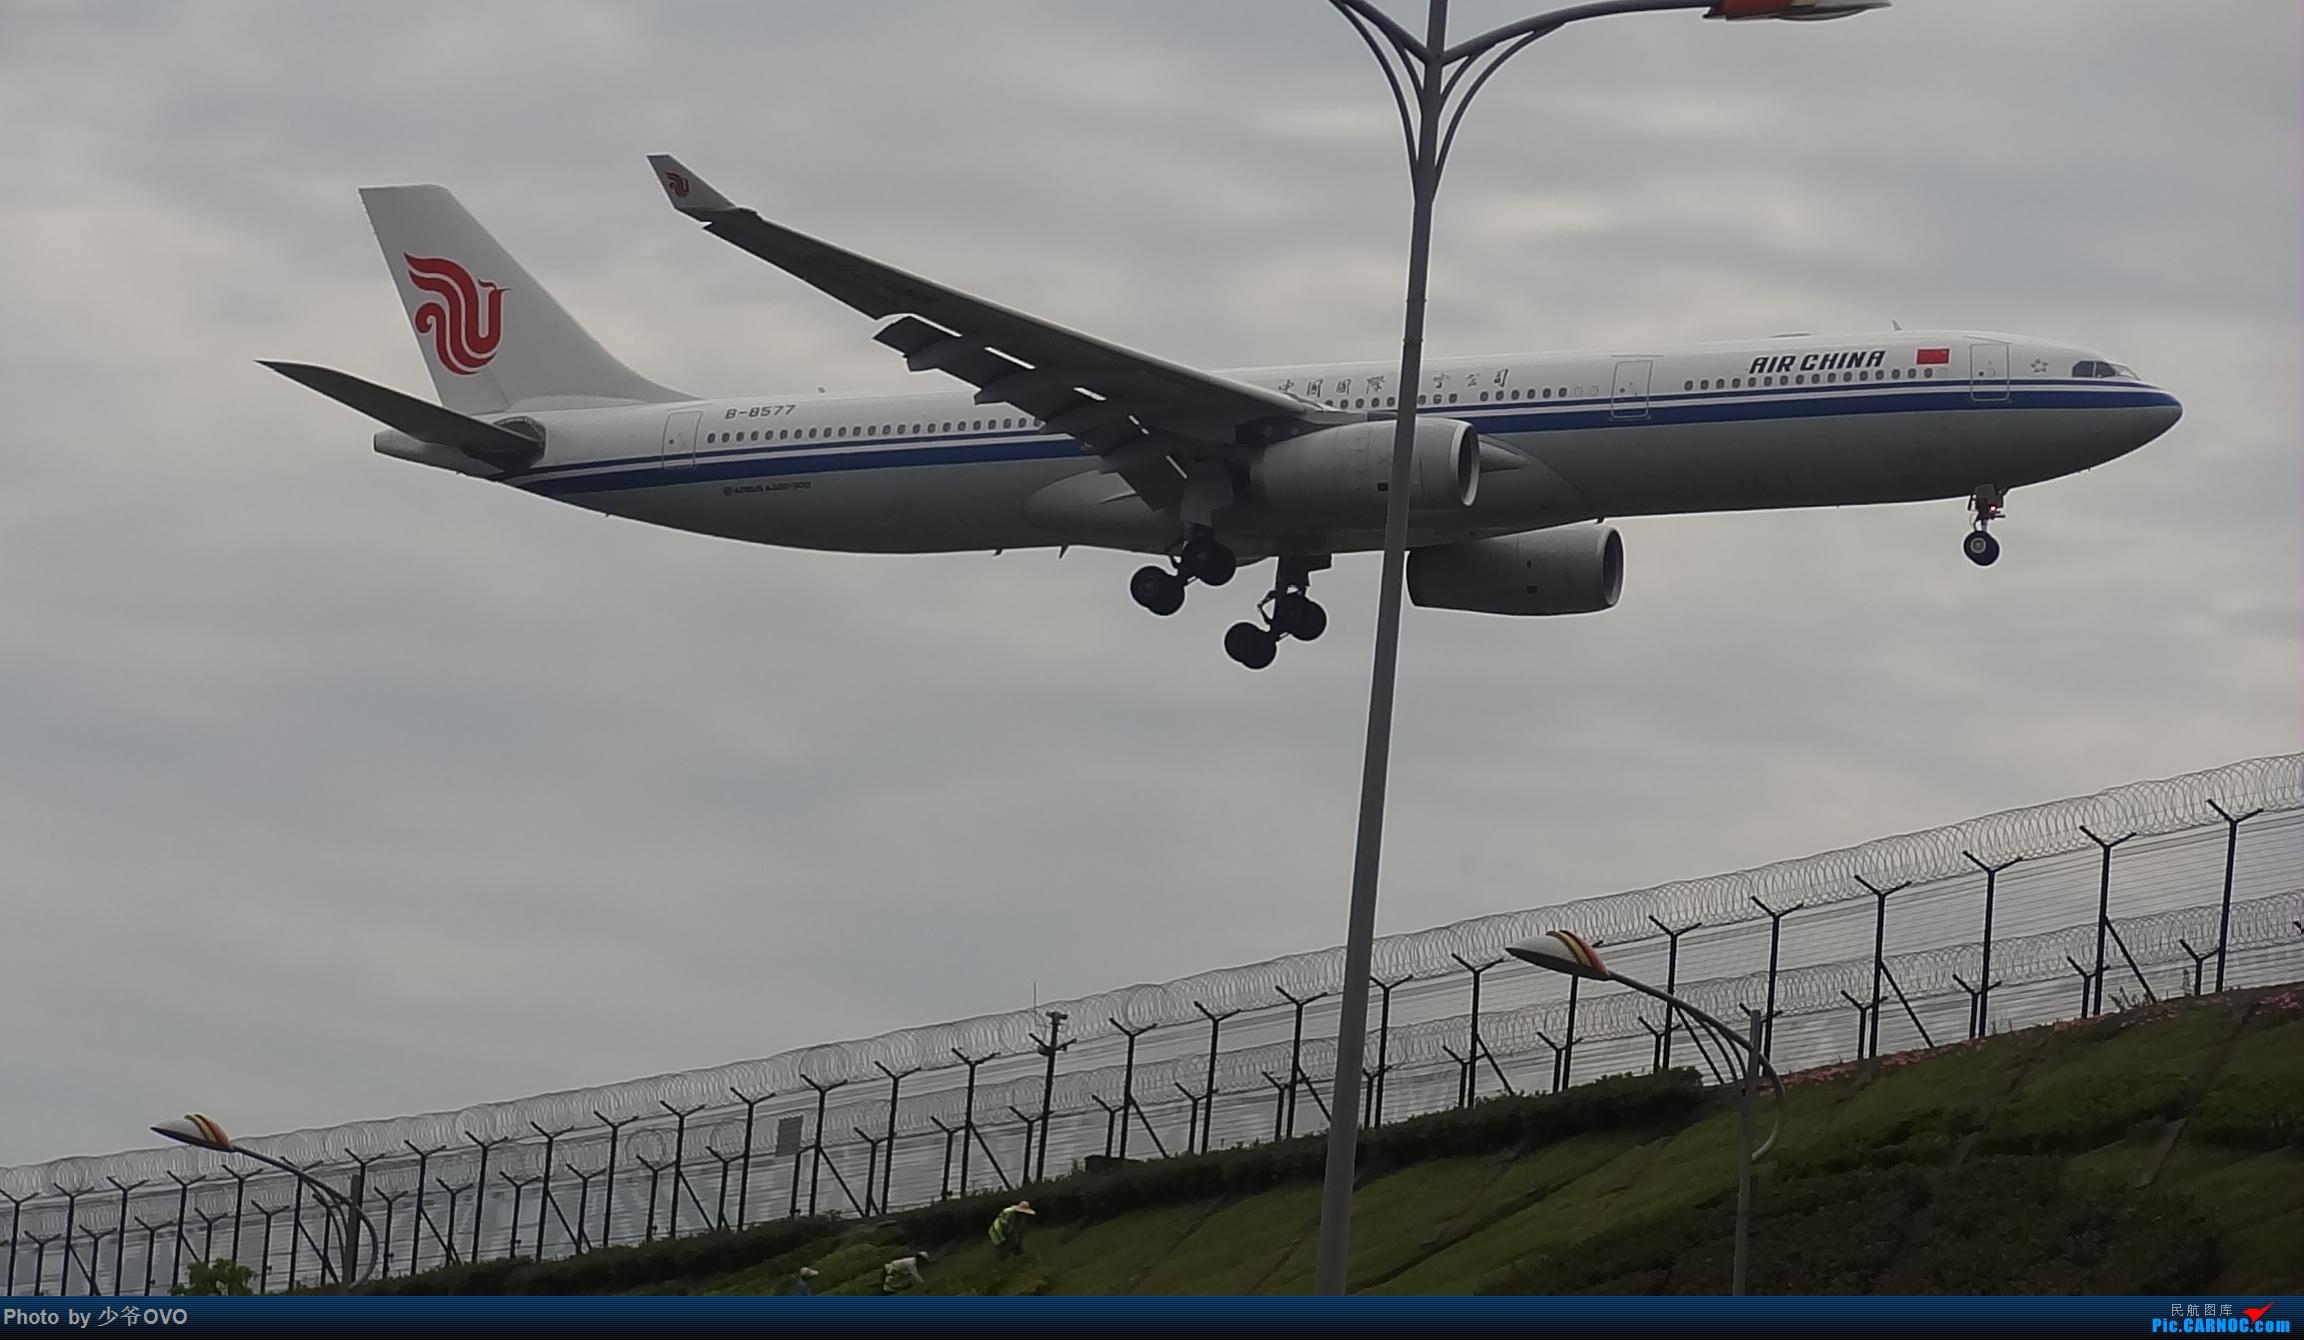 Re:[原创]CKG拍机,数码机最后的倔强 AIRBUS A330-300 B-8577 中国重庆江北国际机场